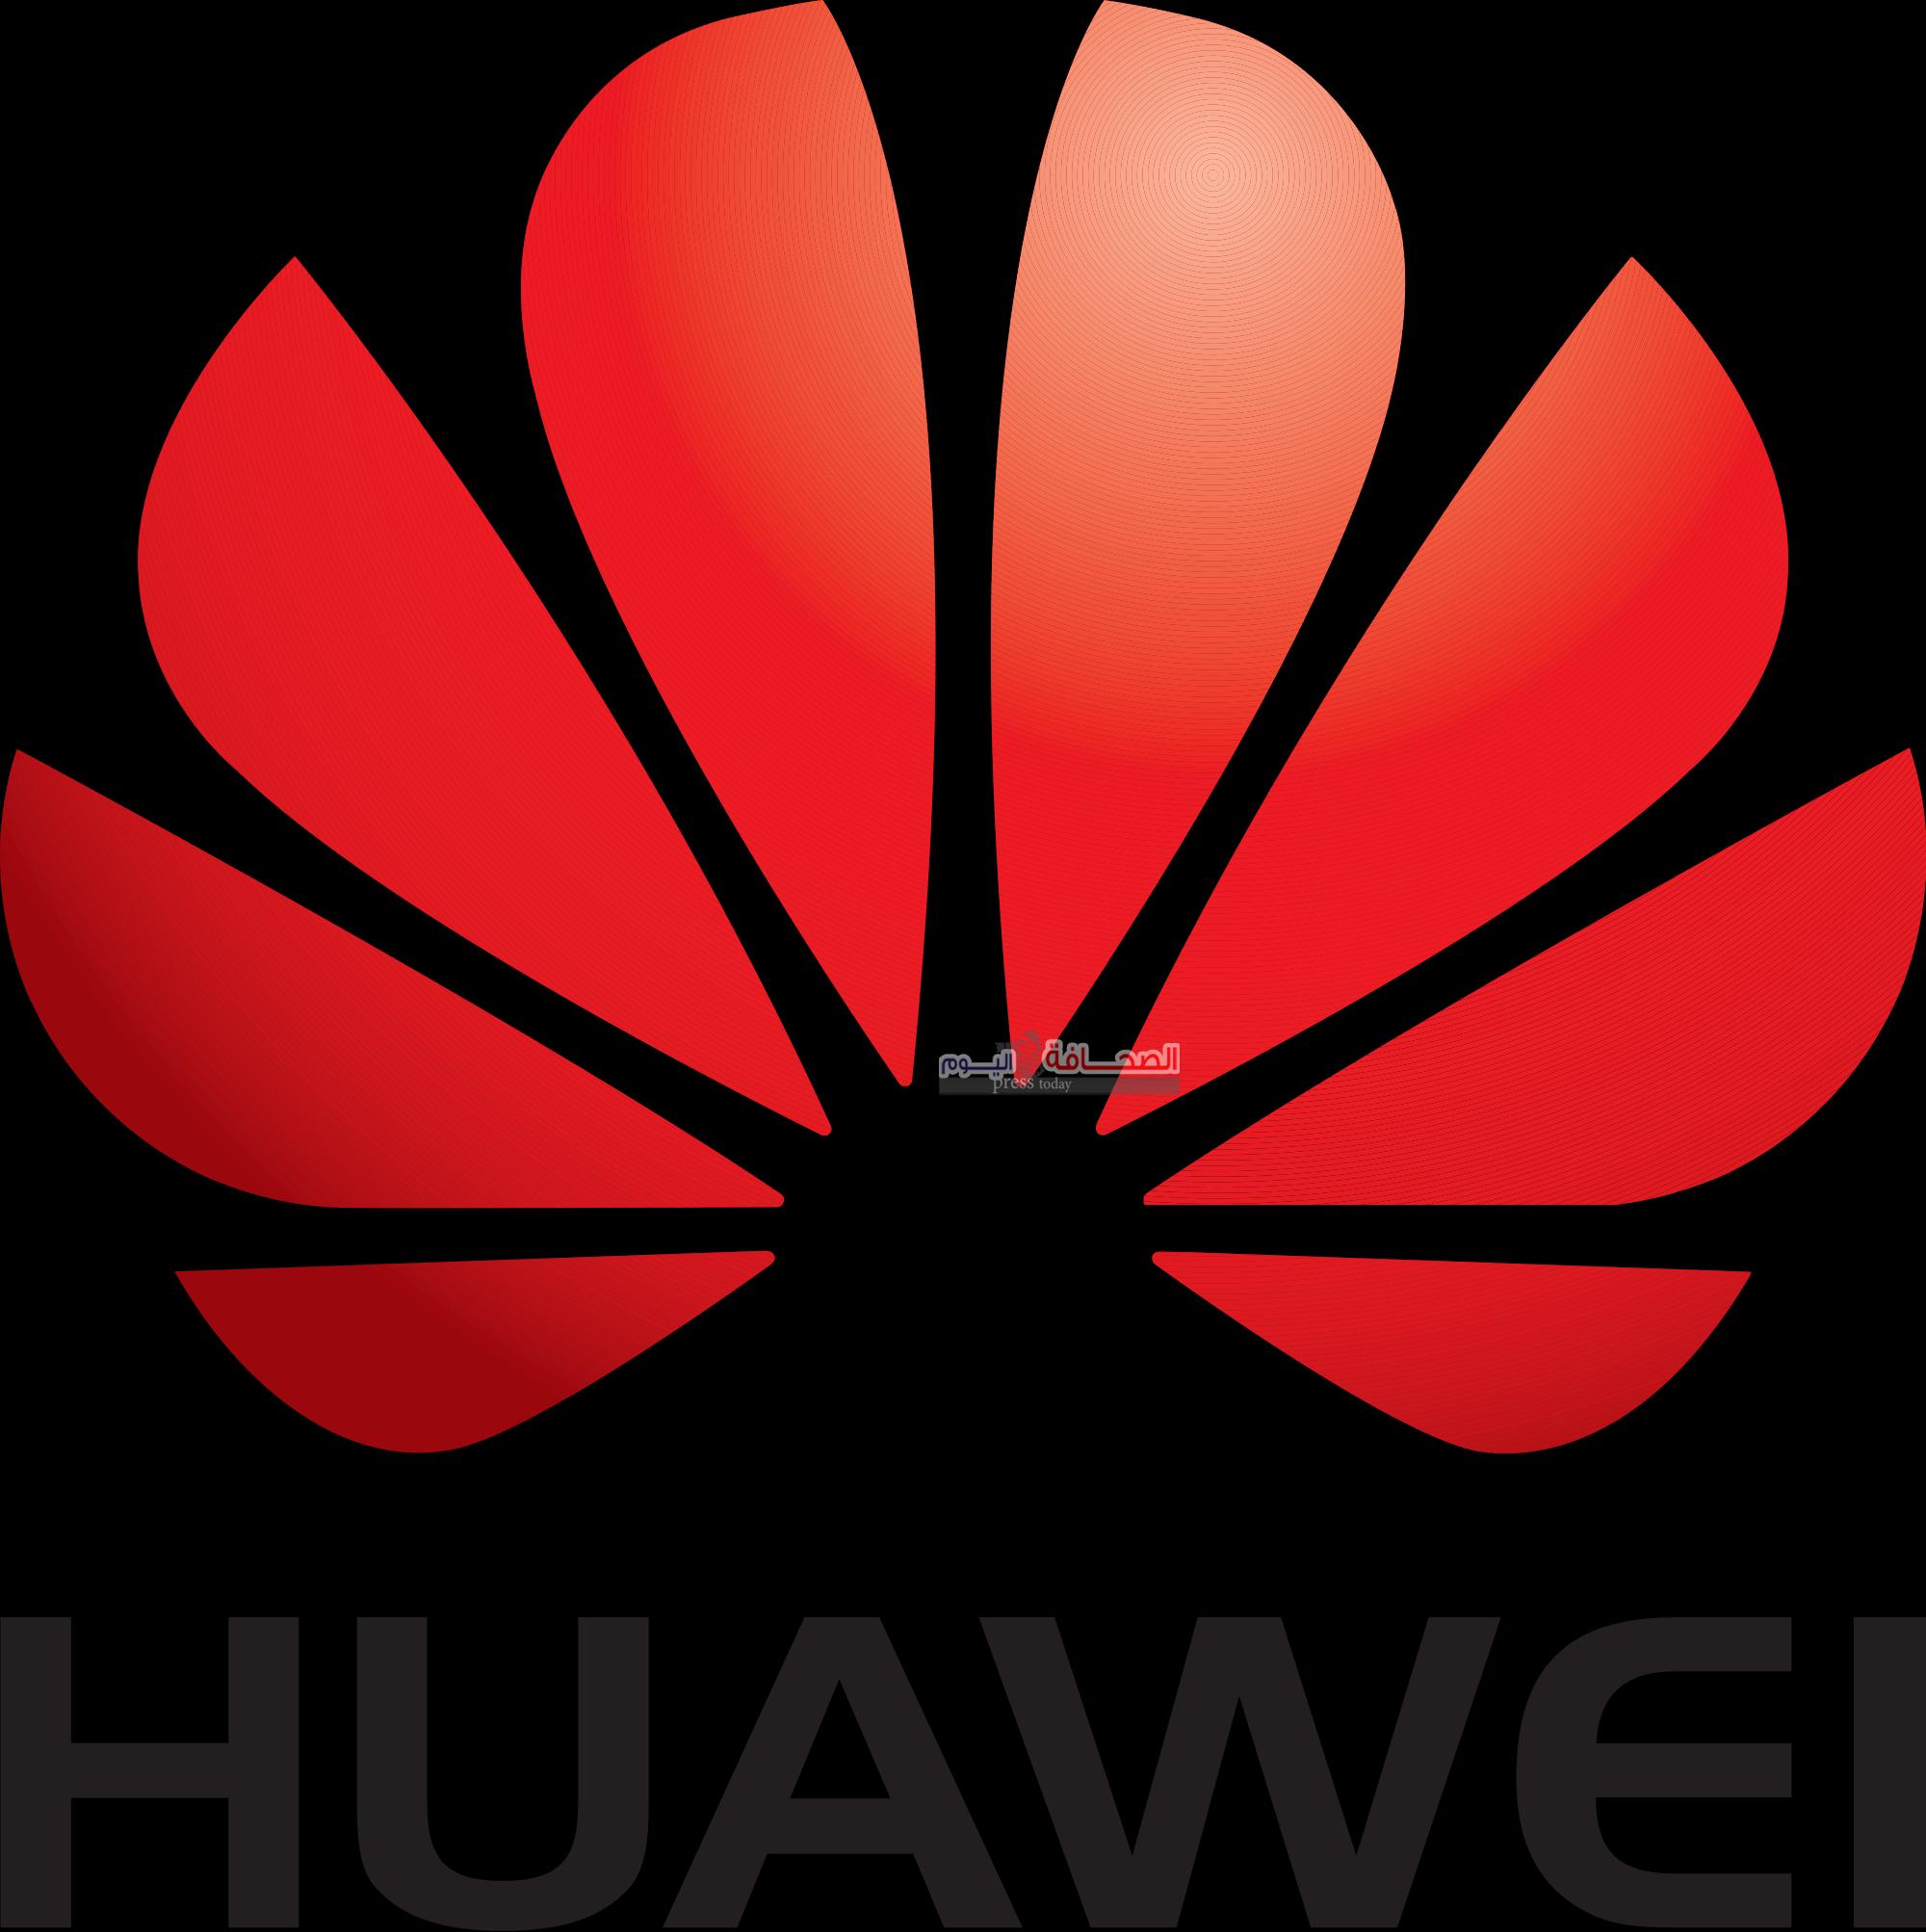 هواوي تفوز بجائزتين من مؤسسة EISA العالمية عن هاتف هواوي P10 وساعة هواوي الذكية Huawei Watch 2